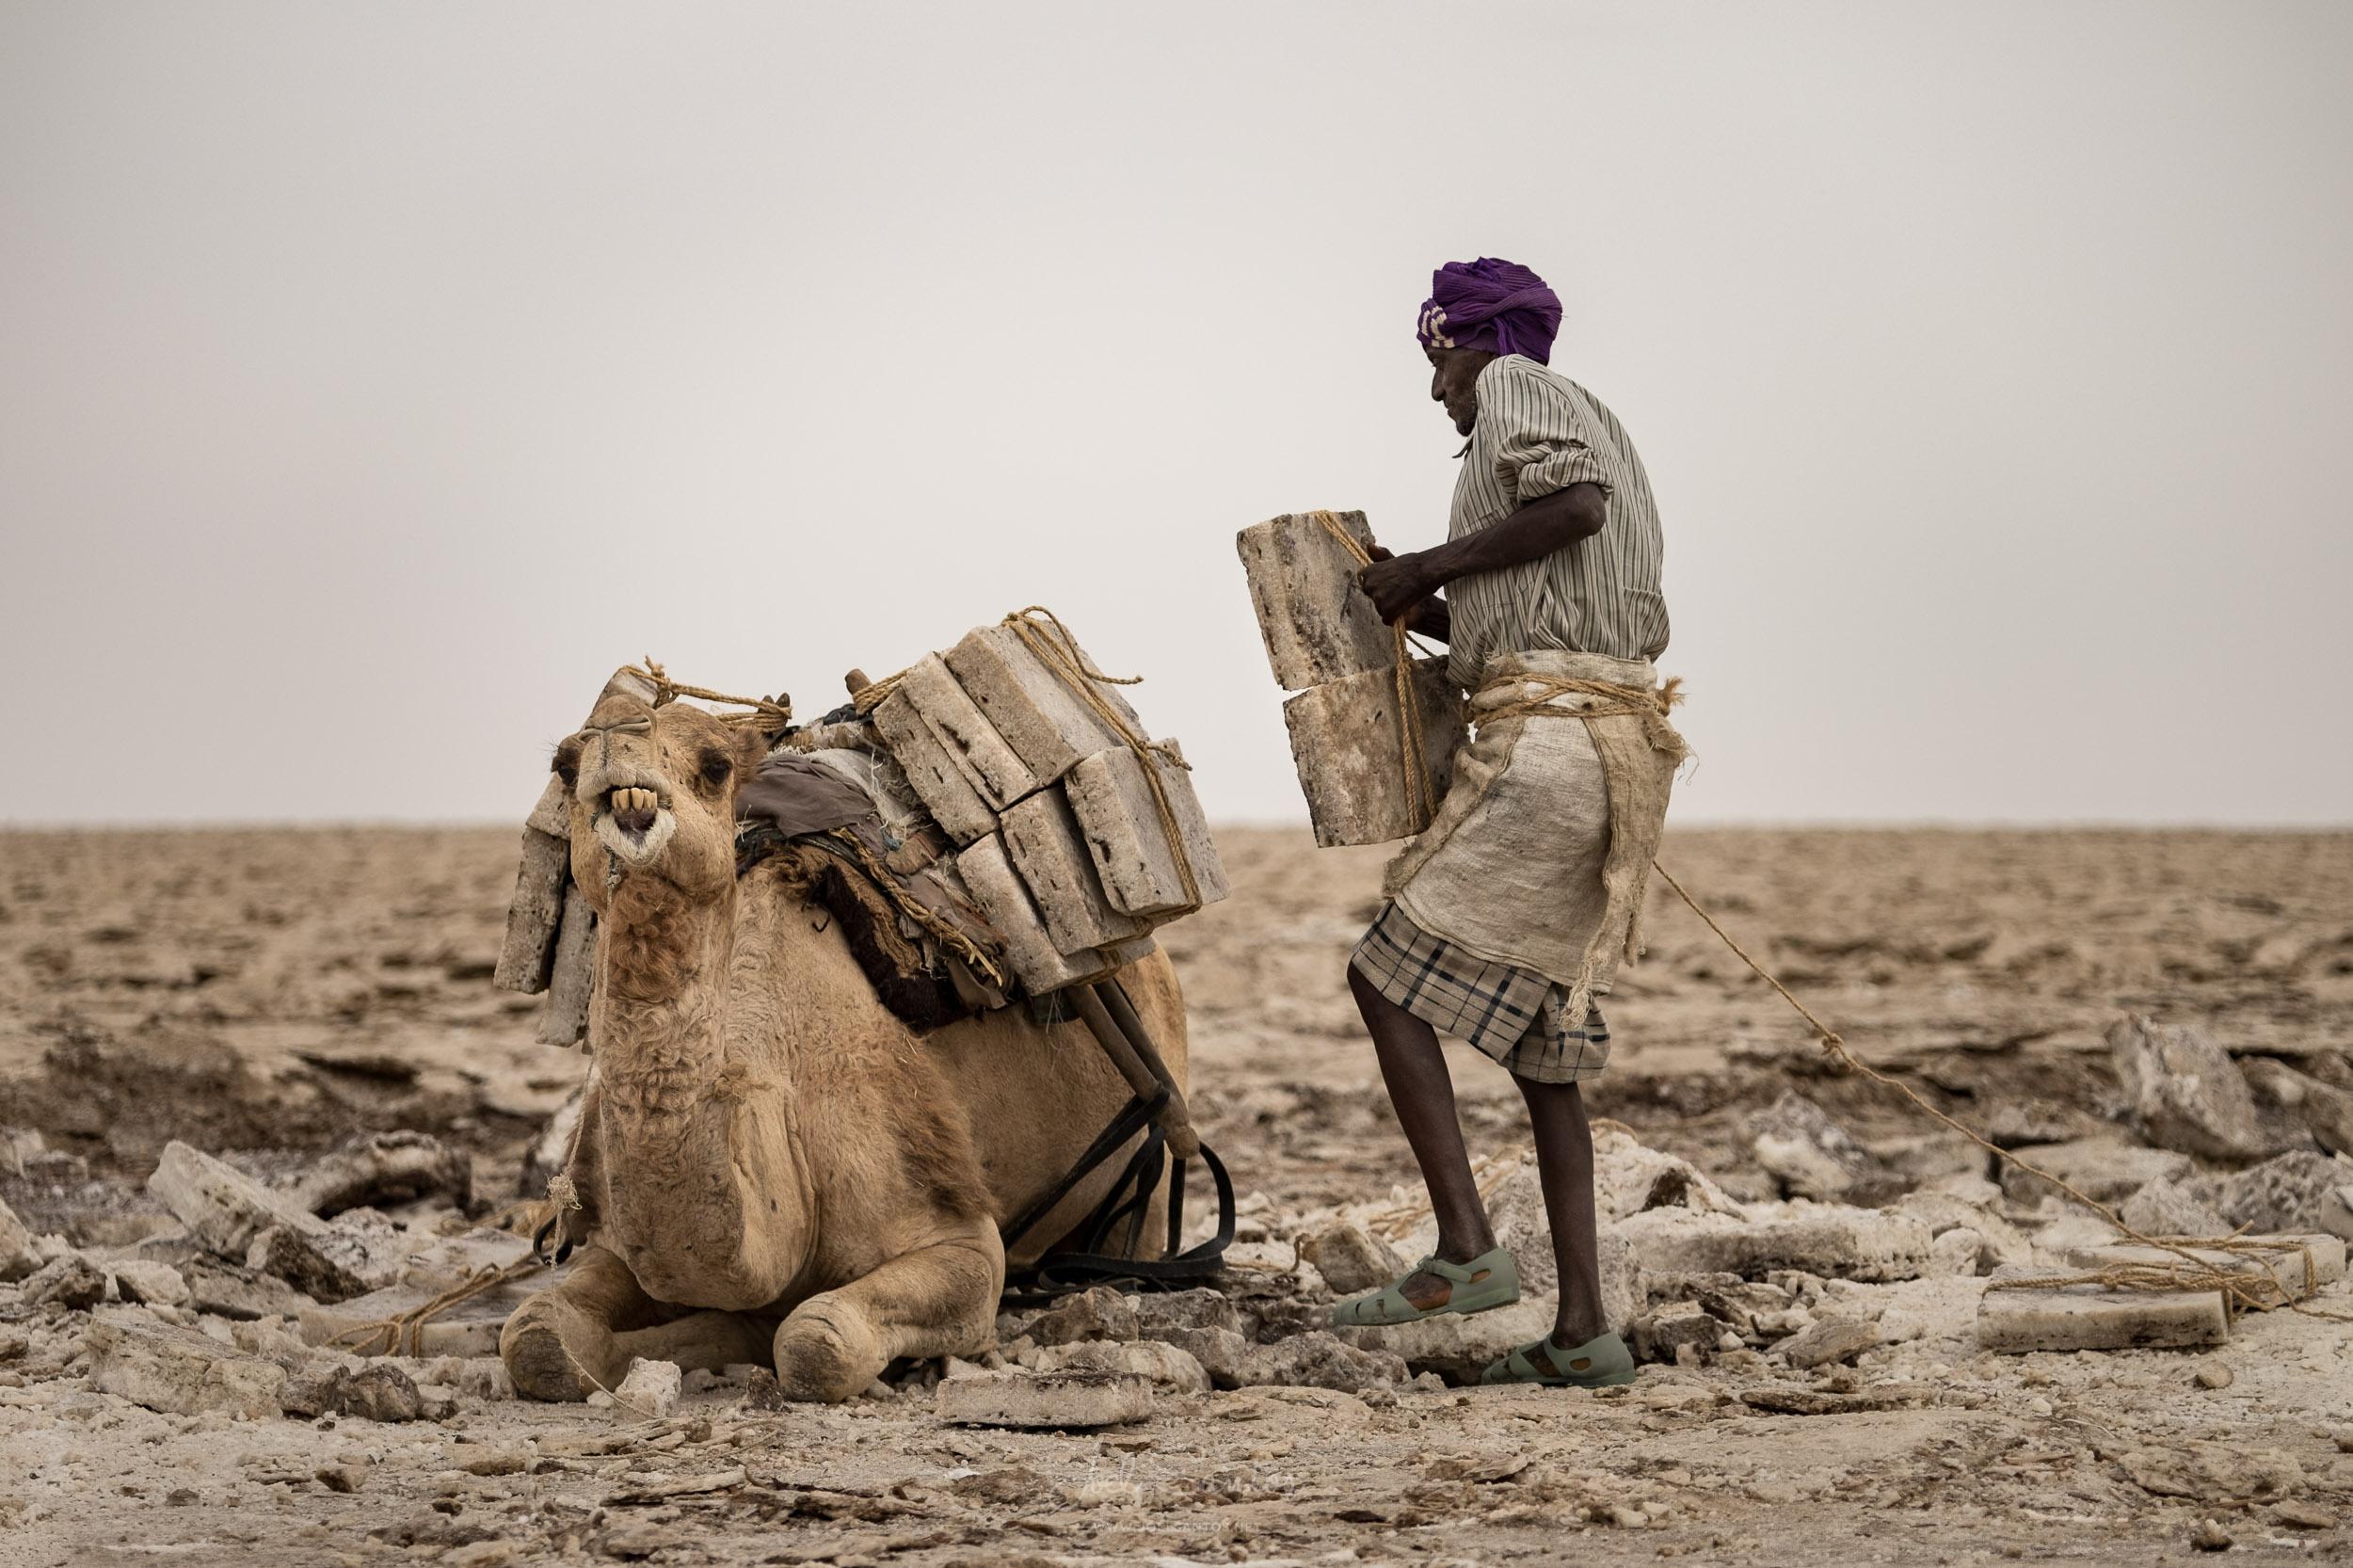 Salt Miner puting the load (salt blocks / tiles) on a dromedary,